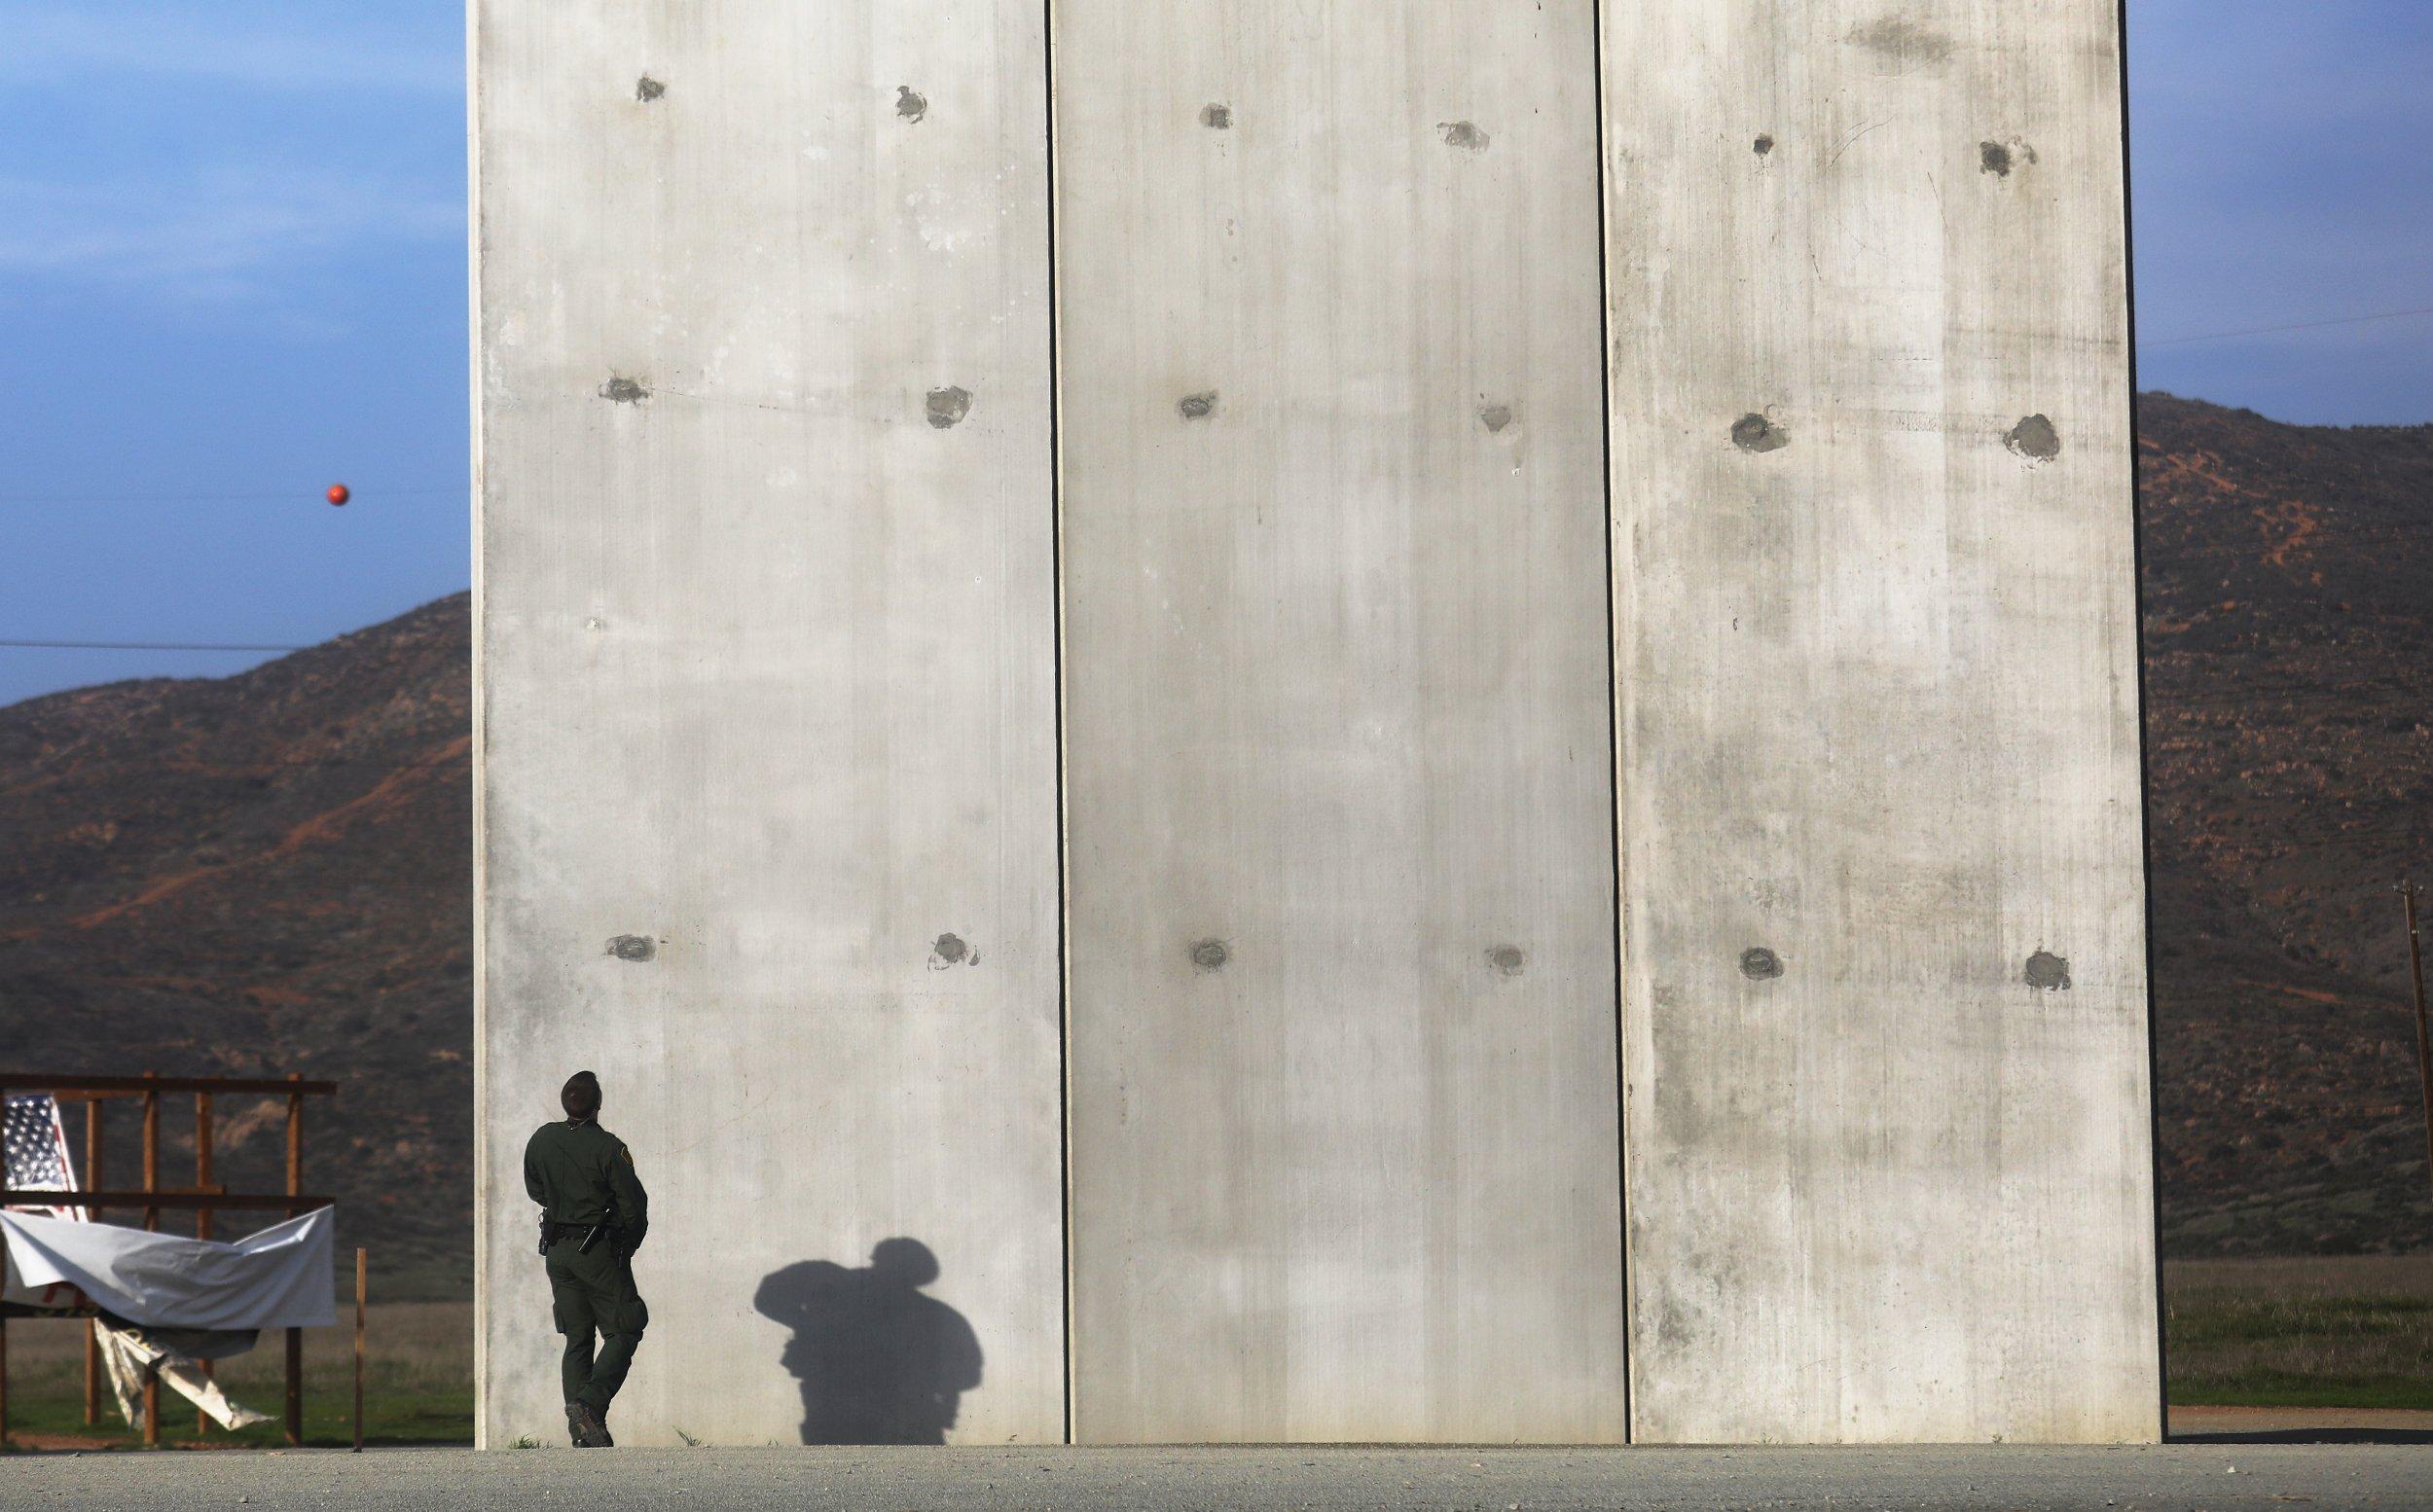 U.S. Mexico border wall